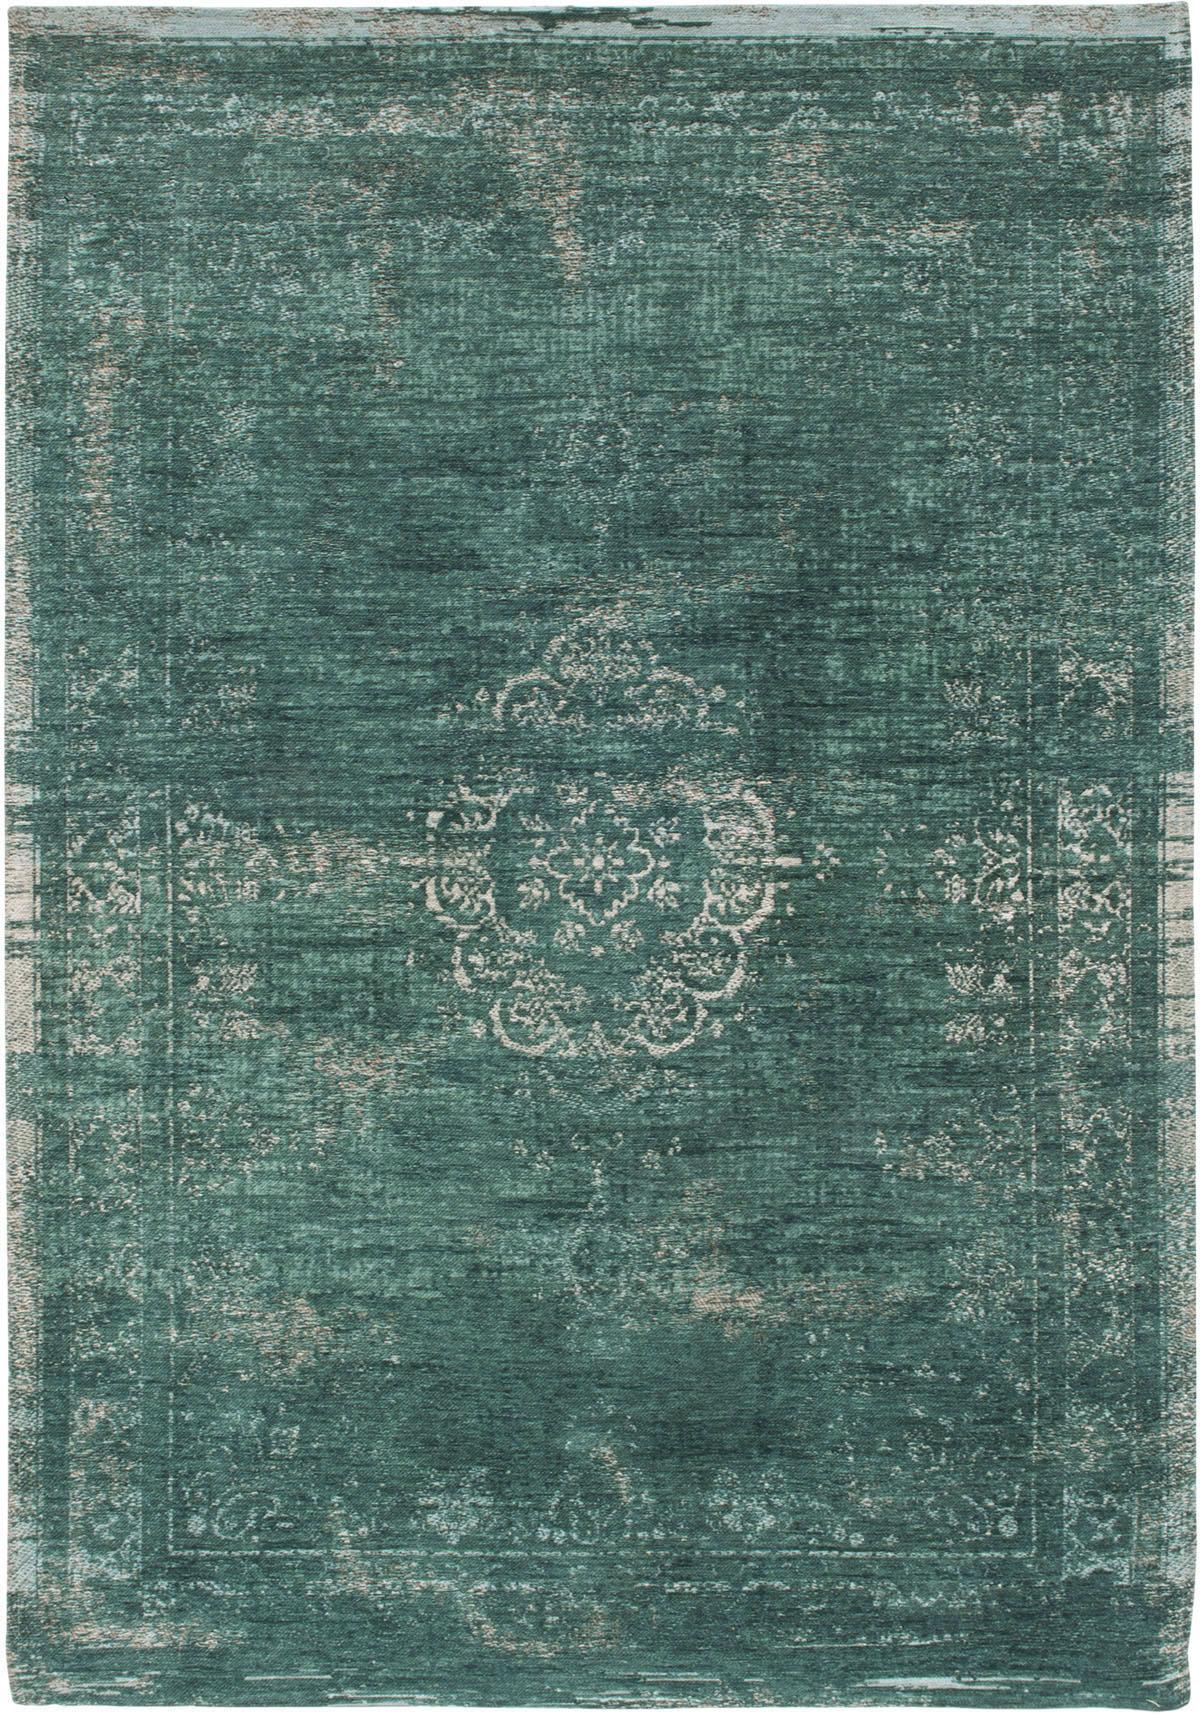 Zielony Dywan Klasyczny - JADE 8258 - Rozmiar: 200x280 cm